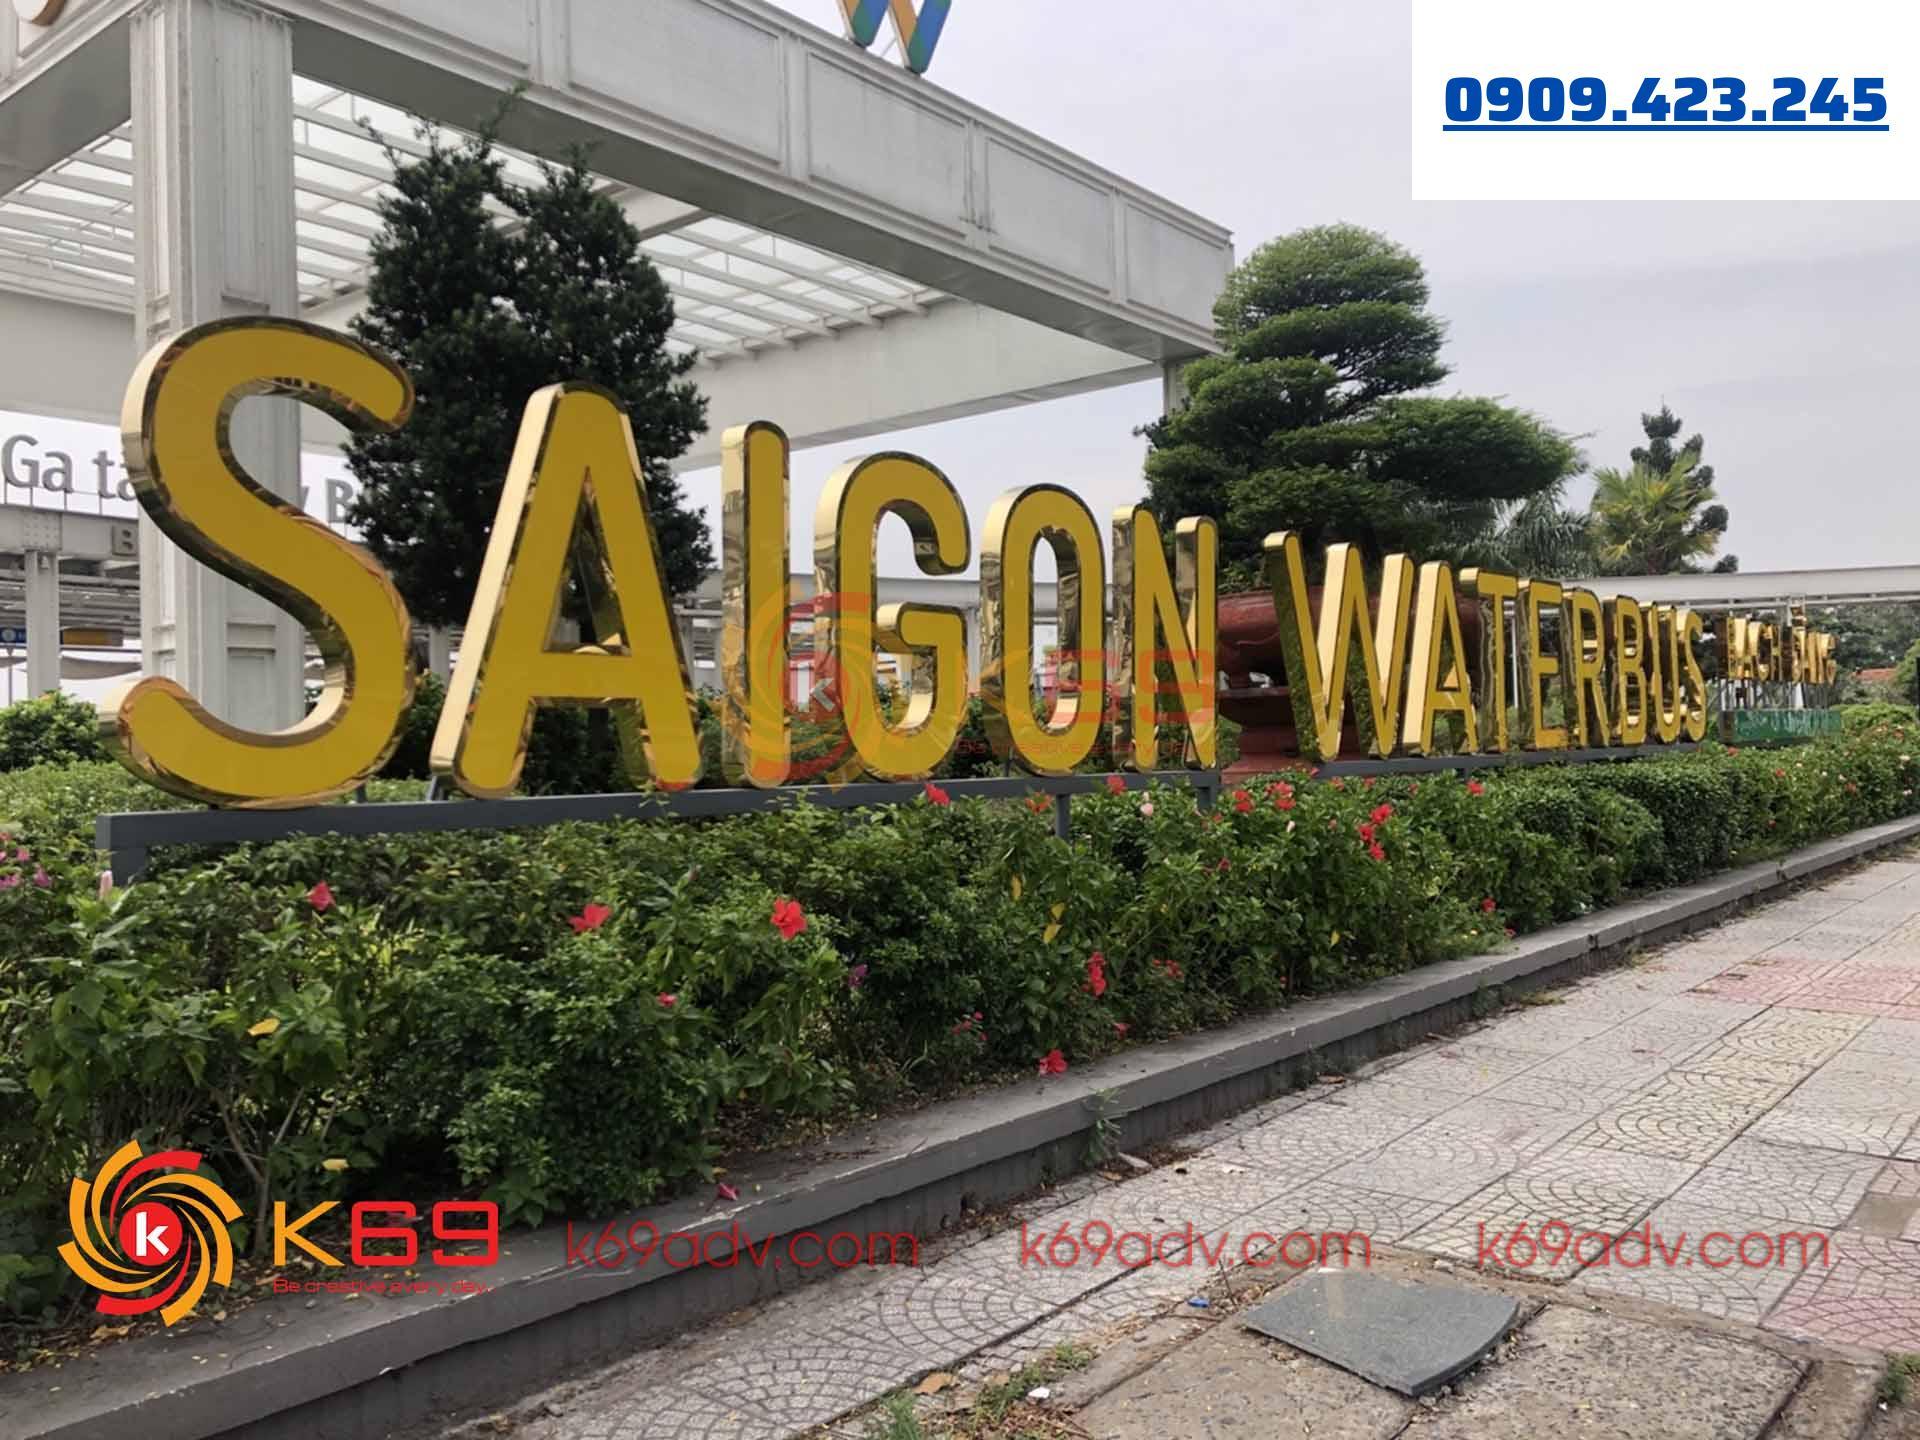 Làm bảng hiệu quảng cáo saigonwaterbus tphcm tại k69adv